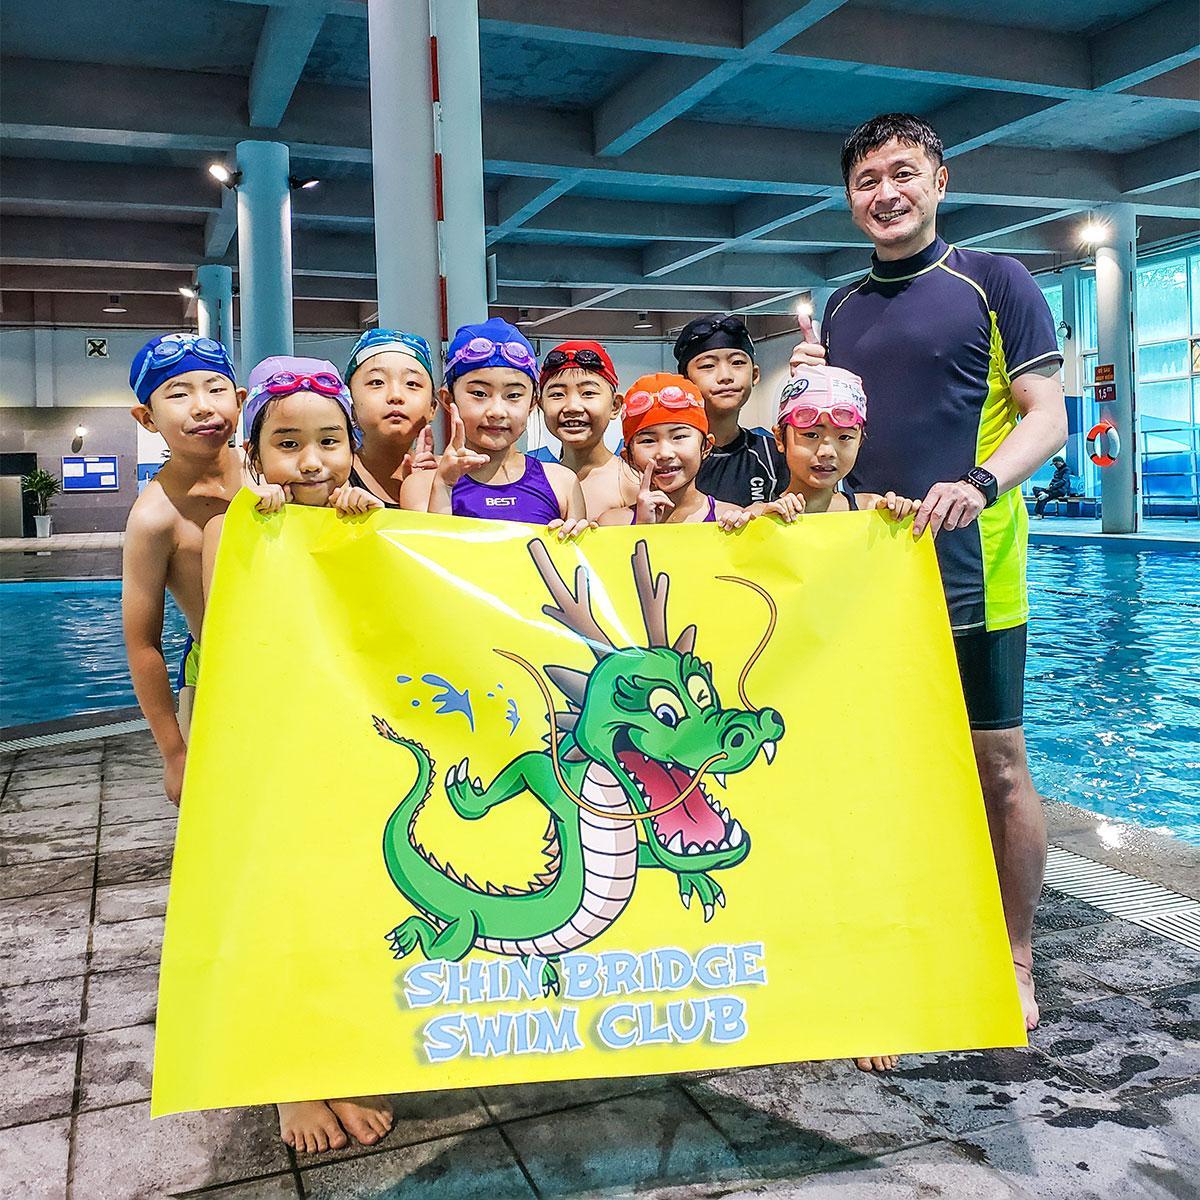 コーチの桑原伸一郎さんと水泳を学ぶ子どもたち